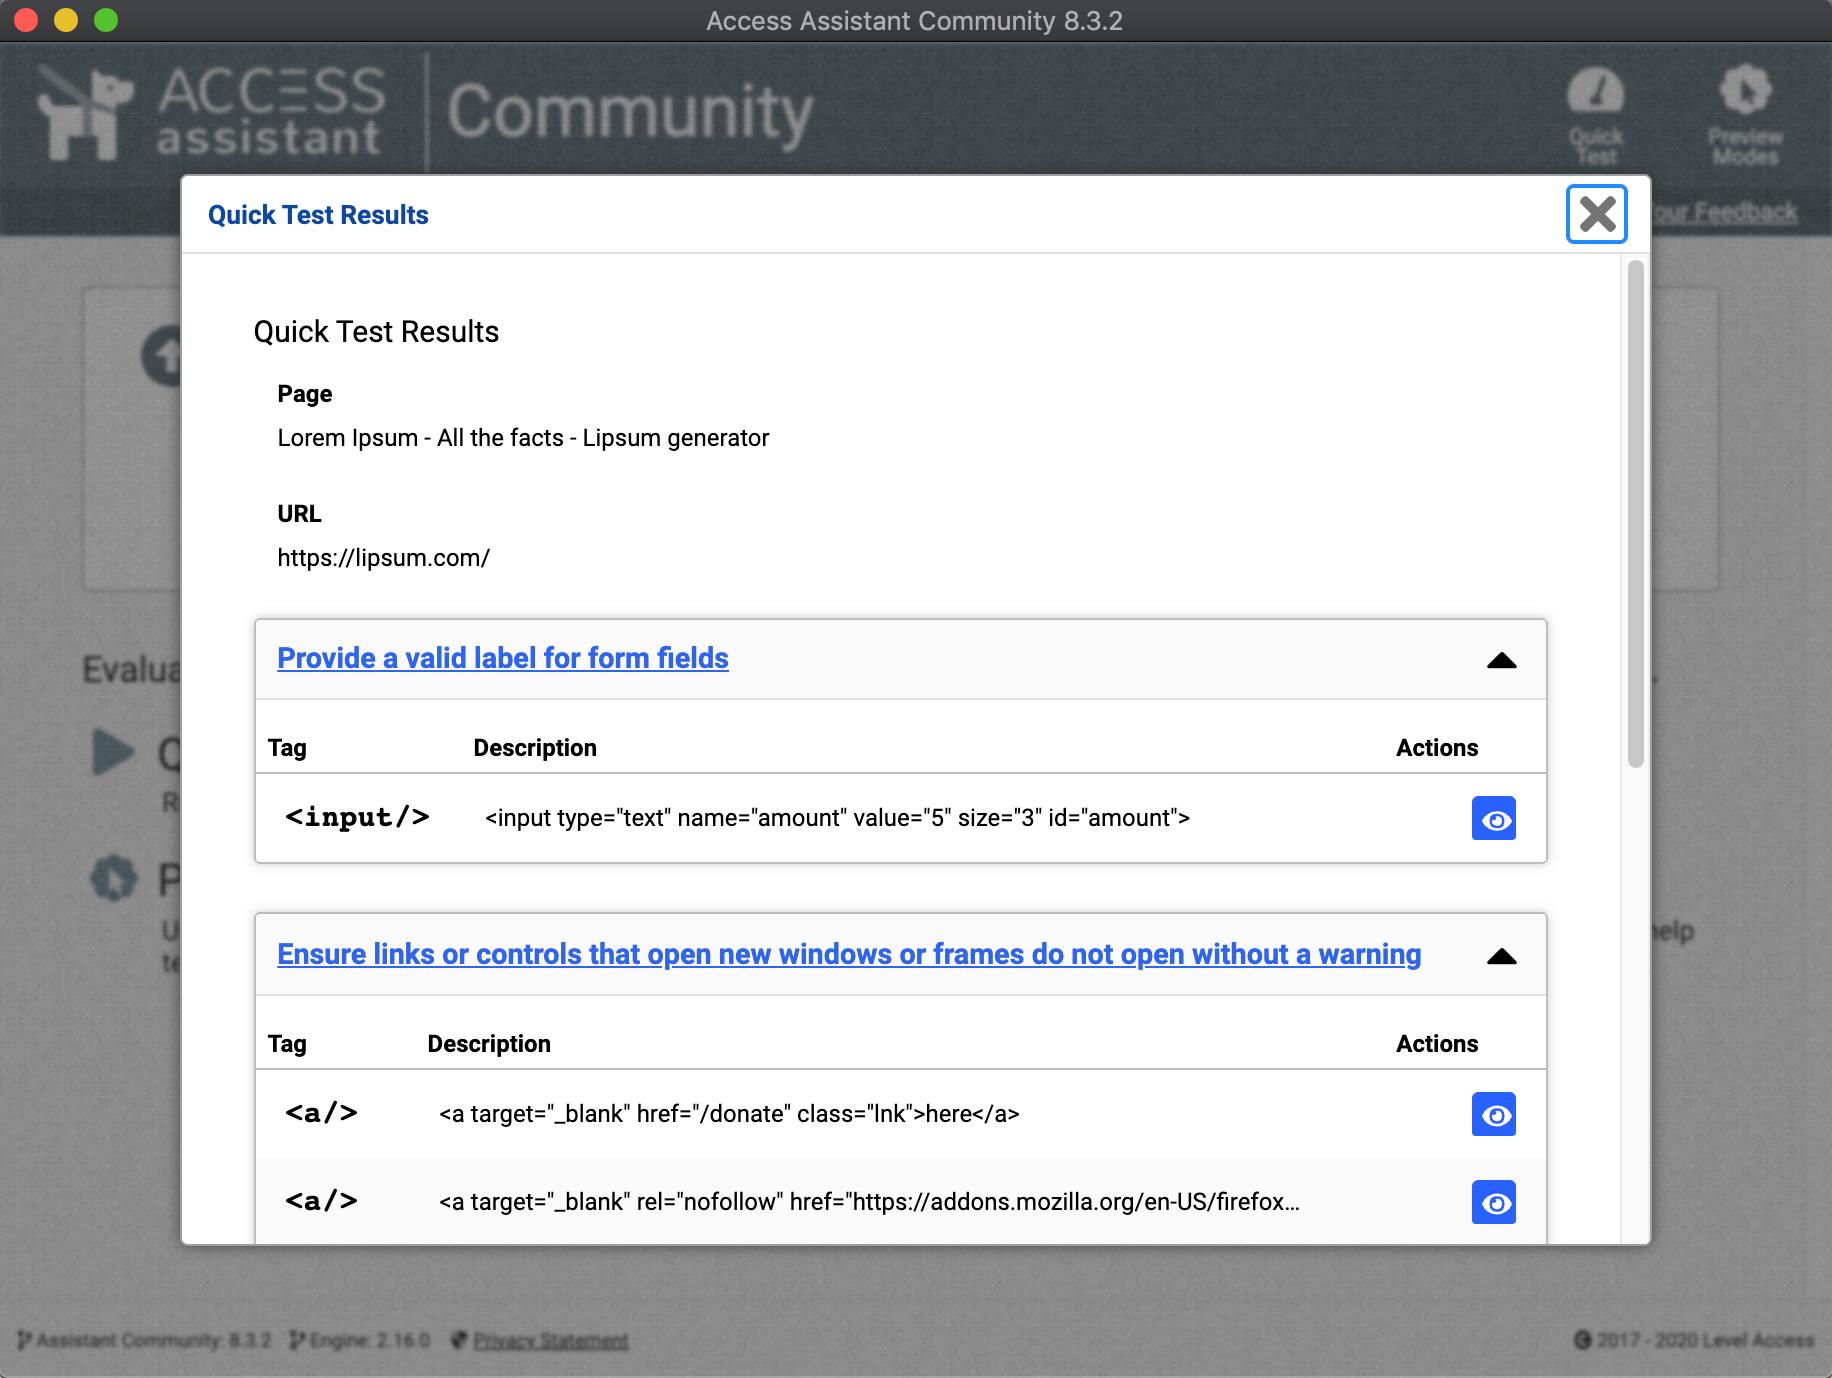 Access Assist